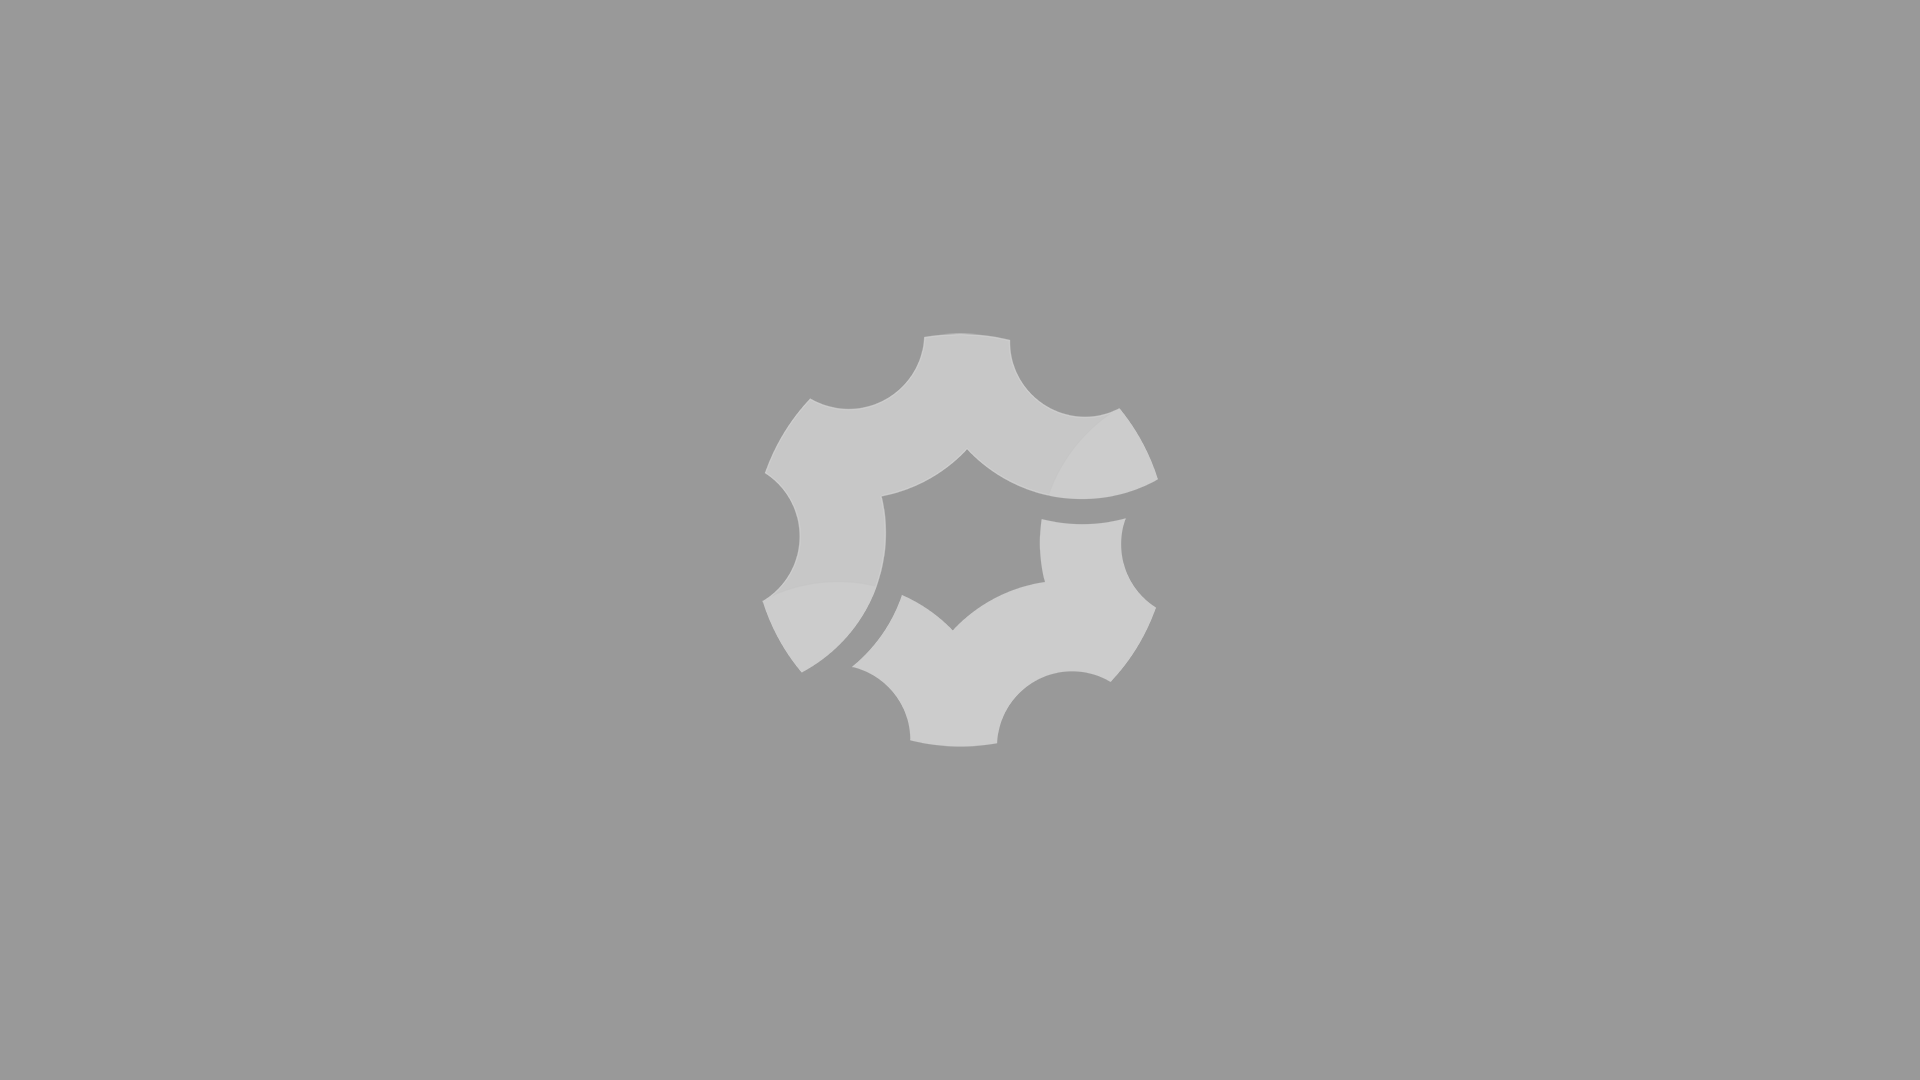 snowrunner_ksiva_p_7c4b0_2021-04-23_14_36_55.png